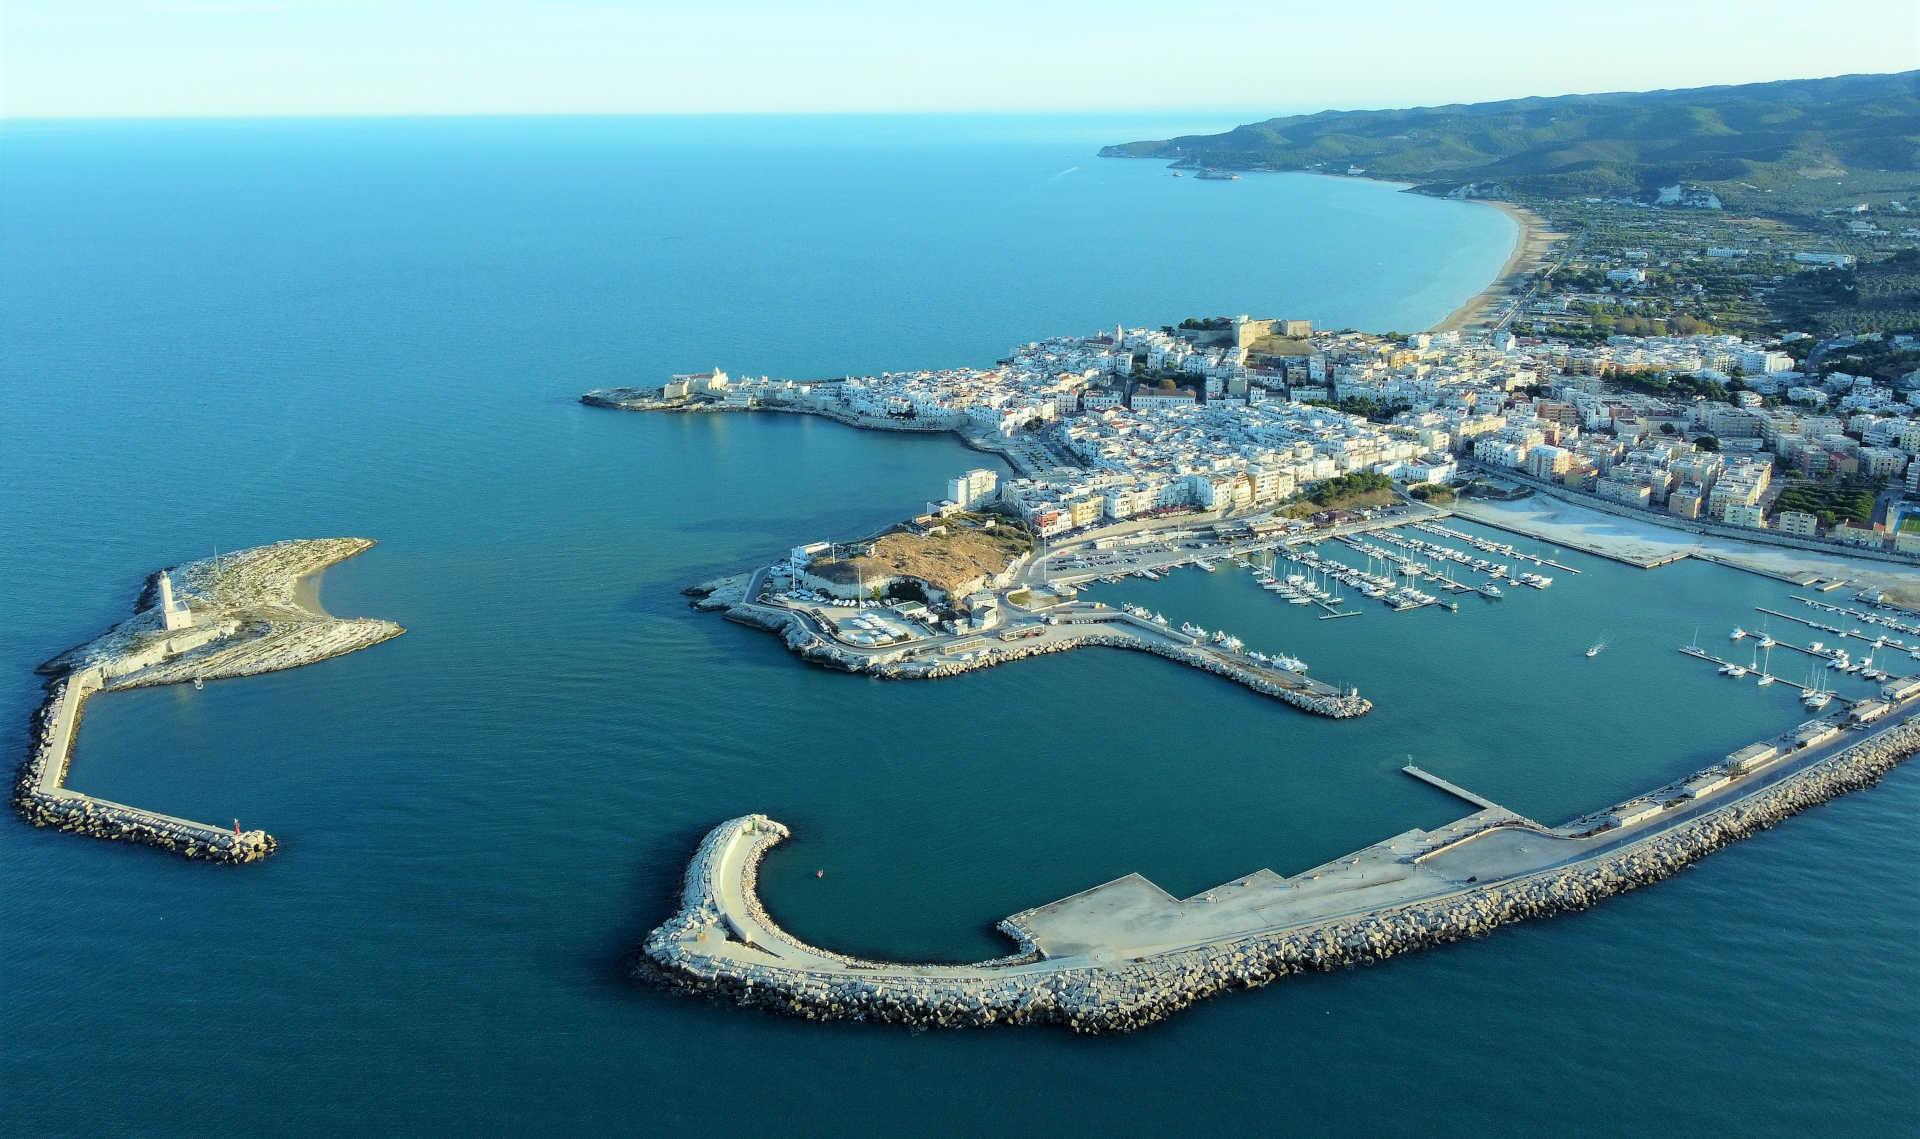 foto del porto di Vieste dall